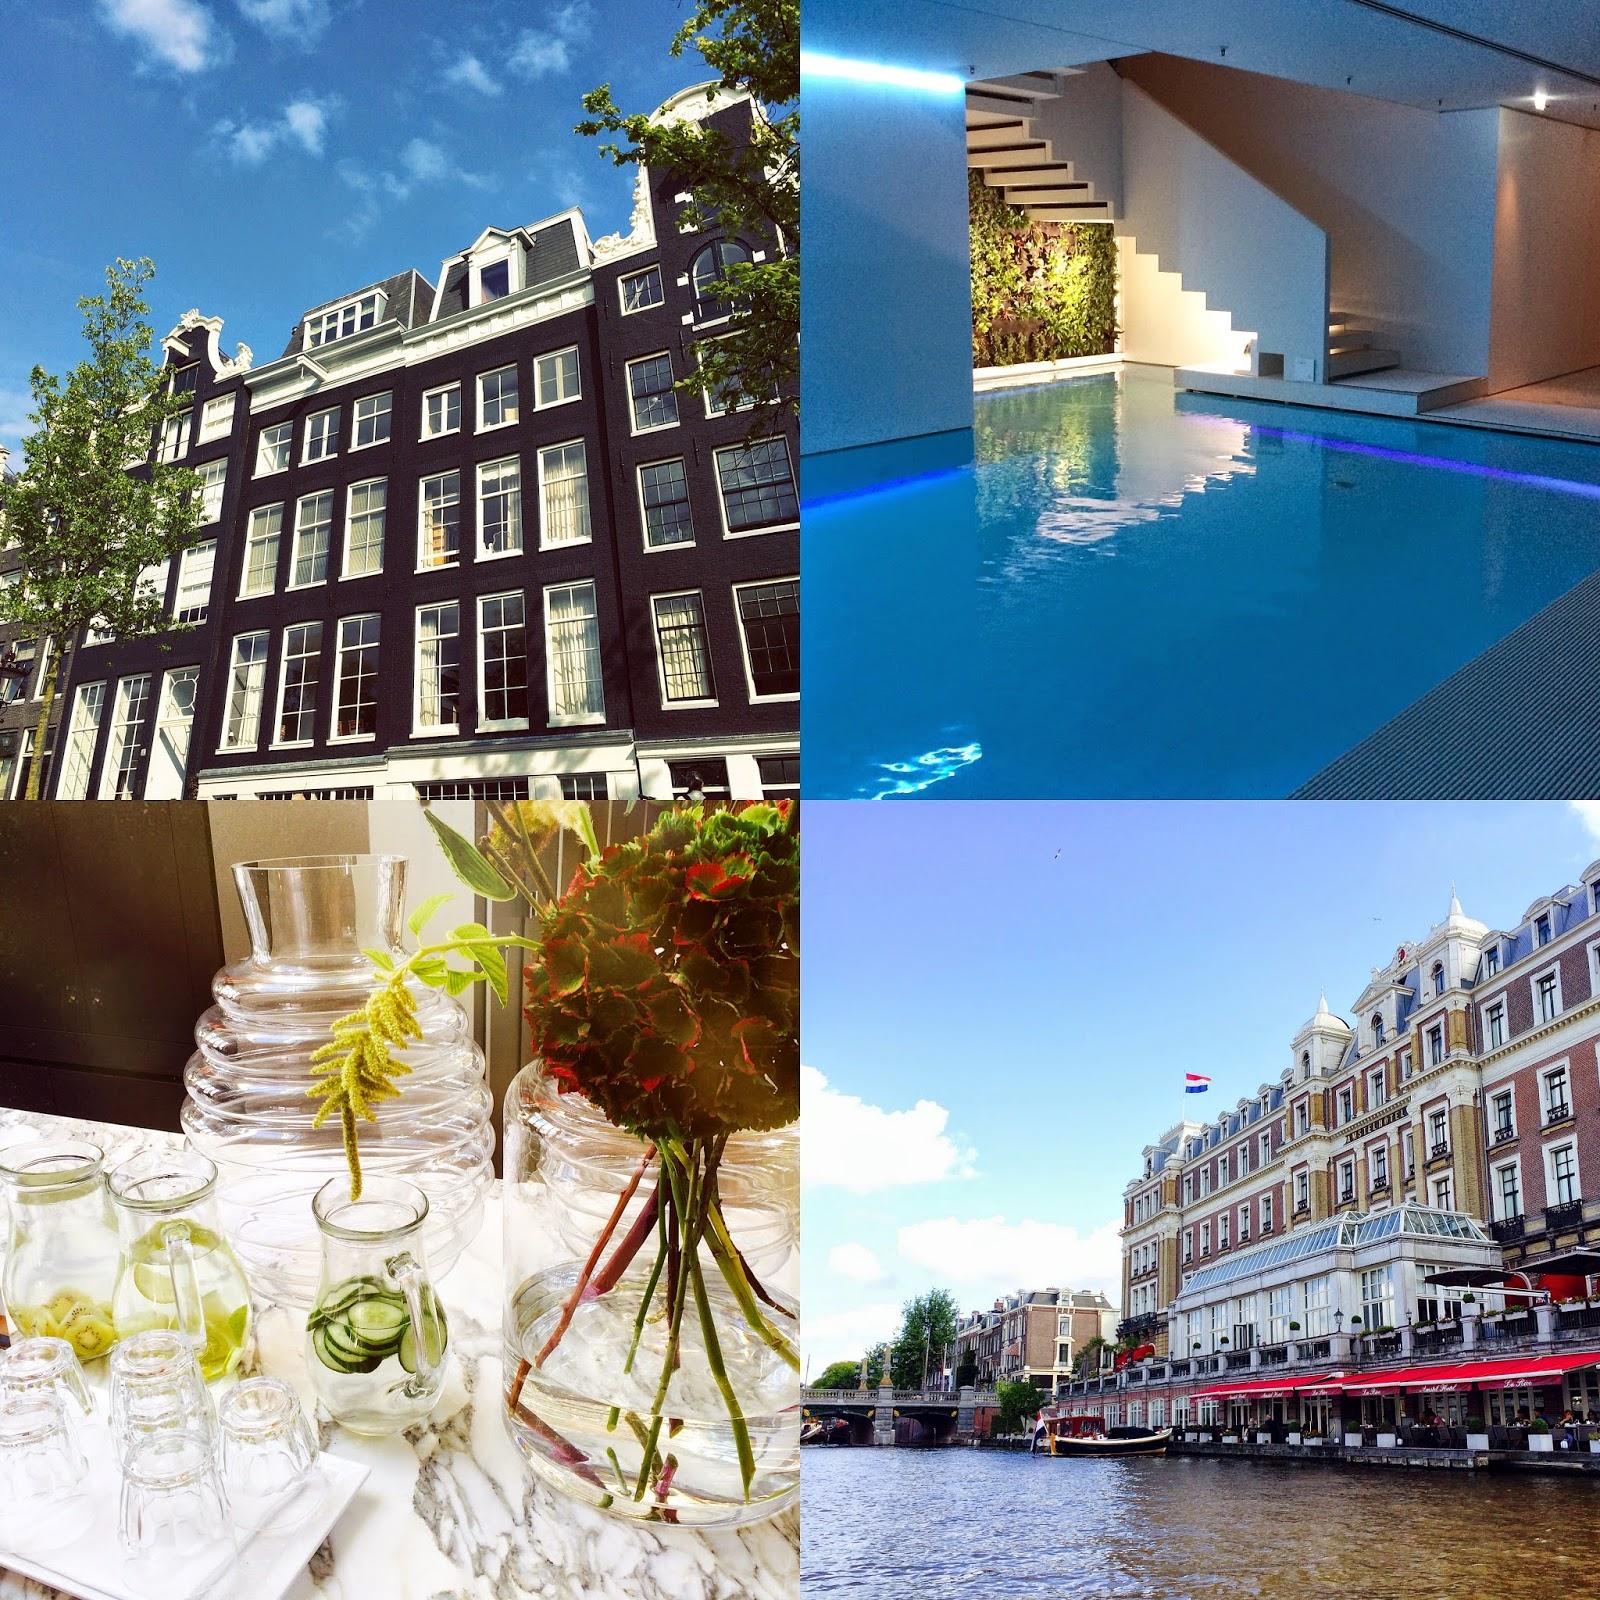 Amsterdam Hotspot Guide hotels